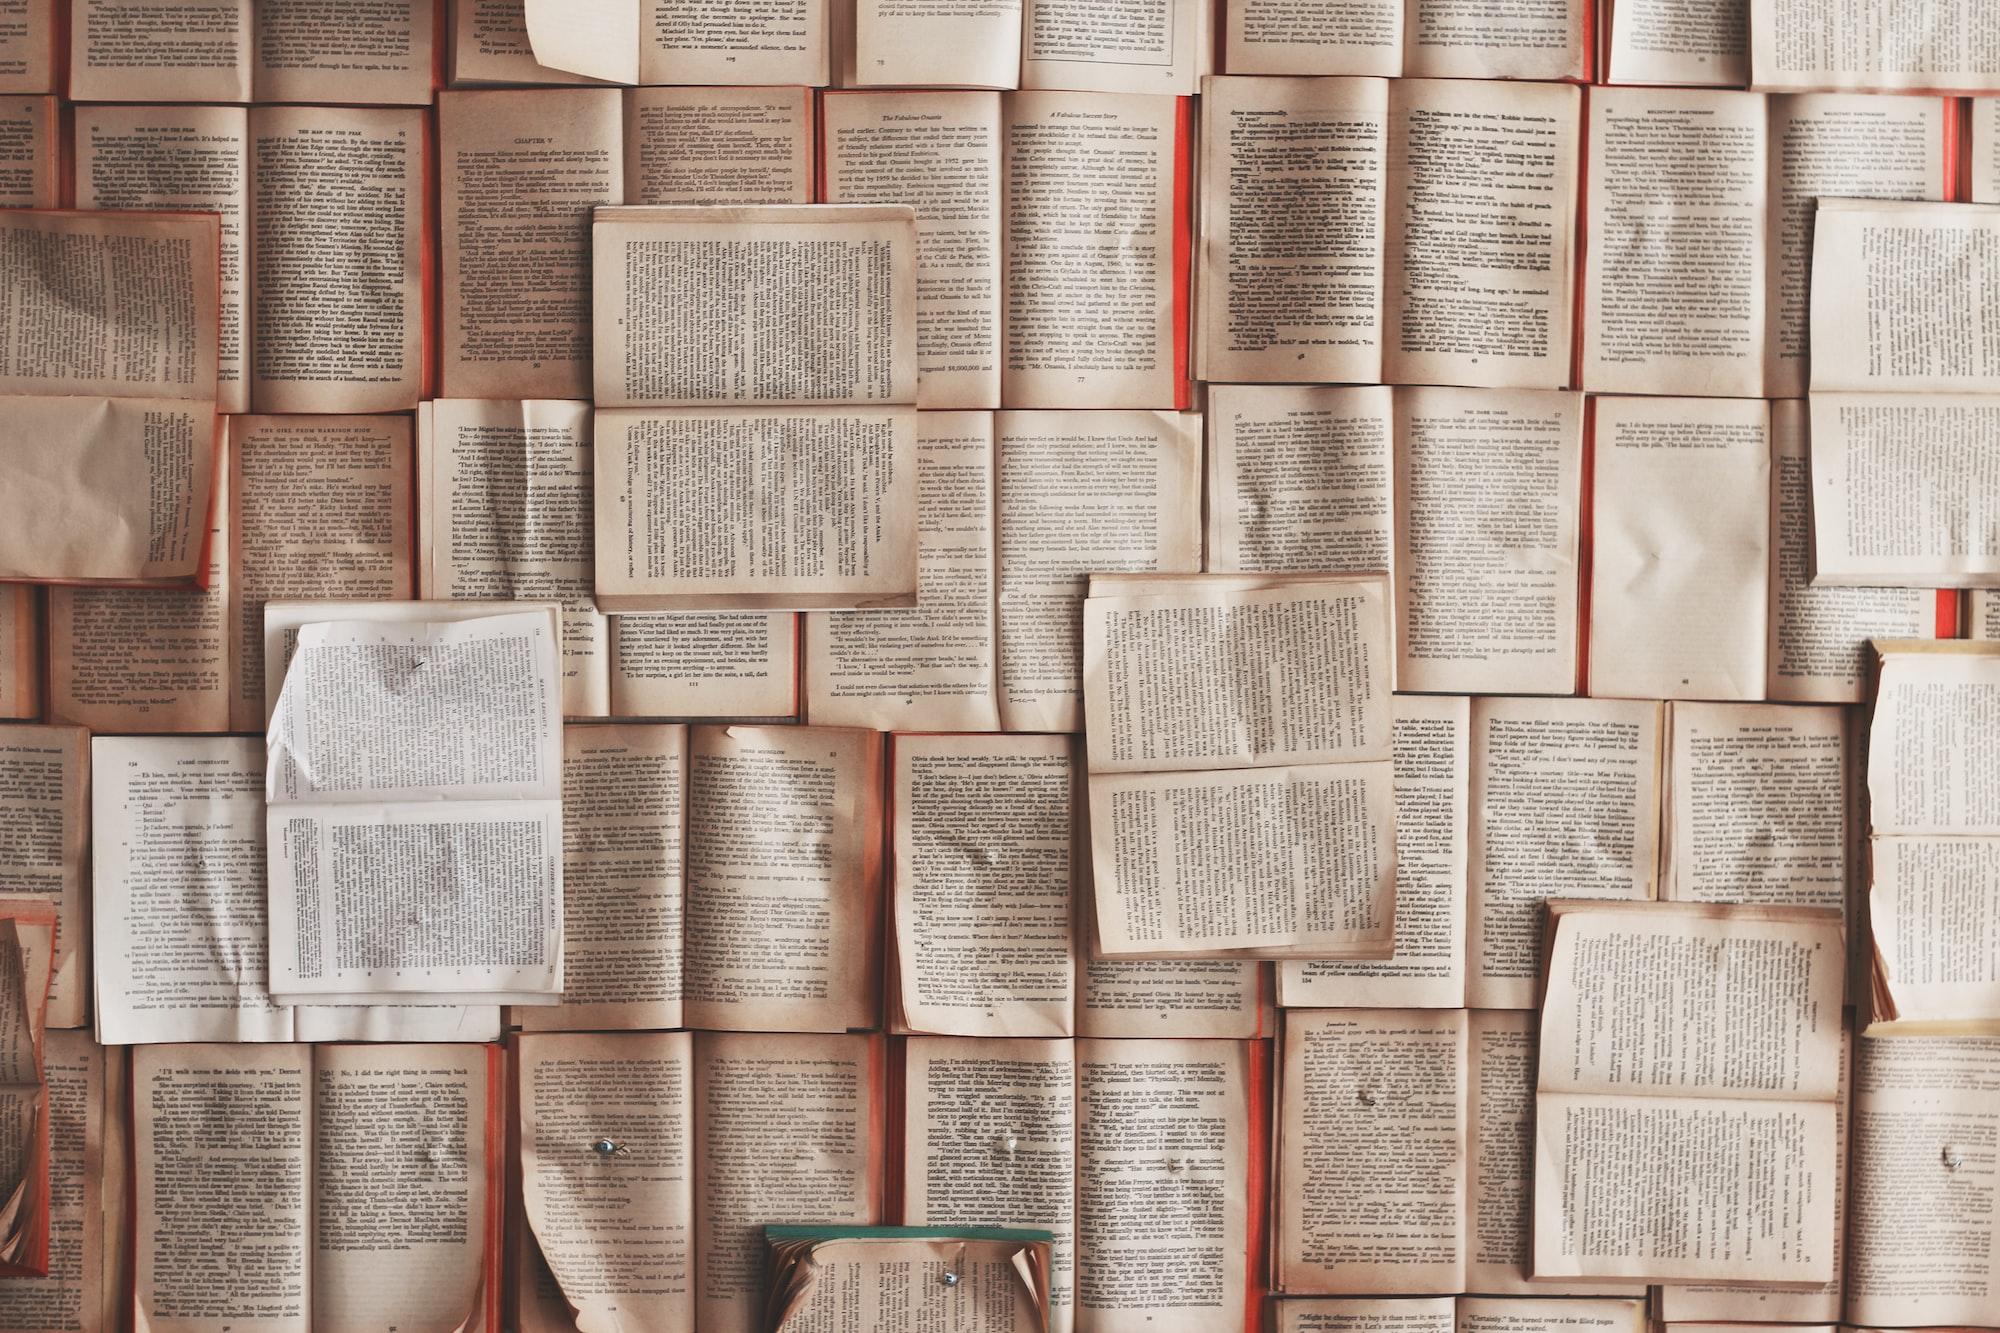 Why I Enjoy Writing Without Citations